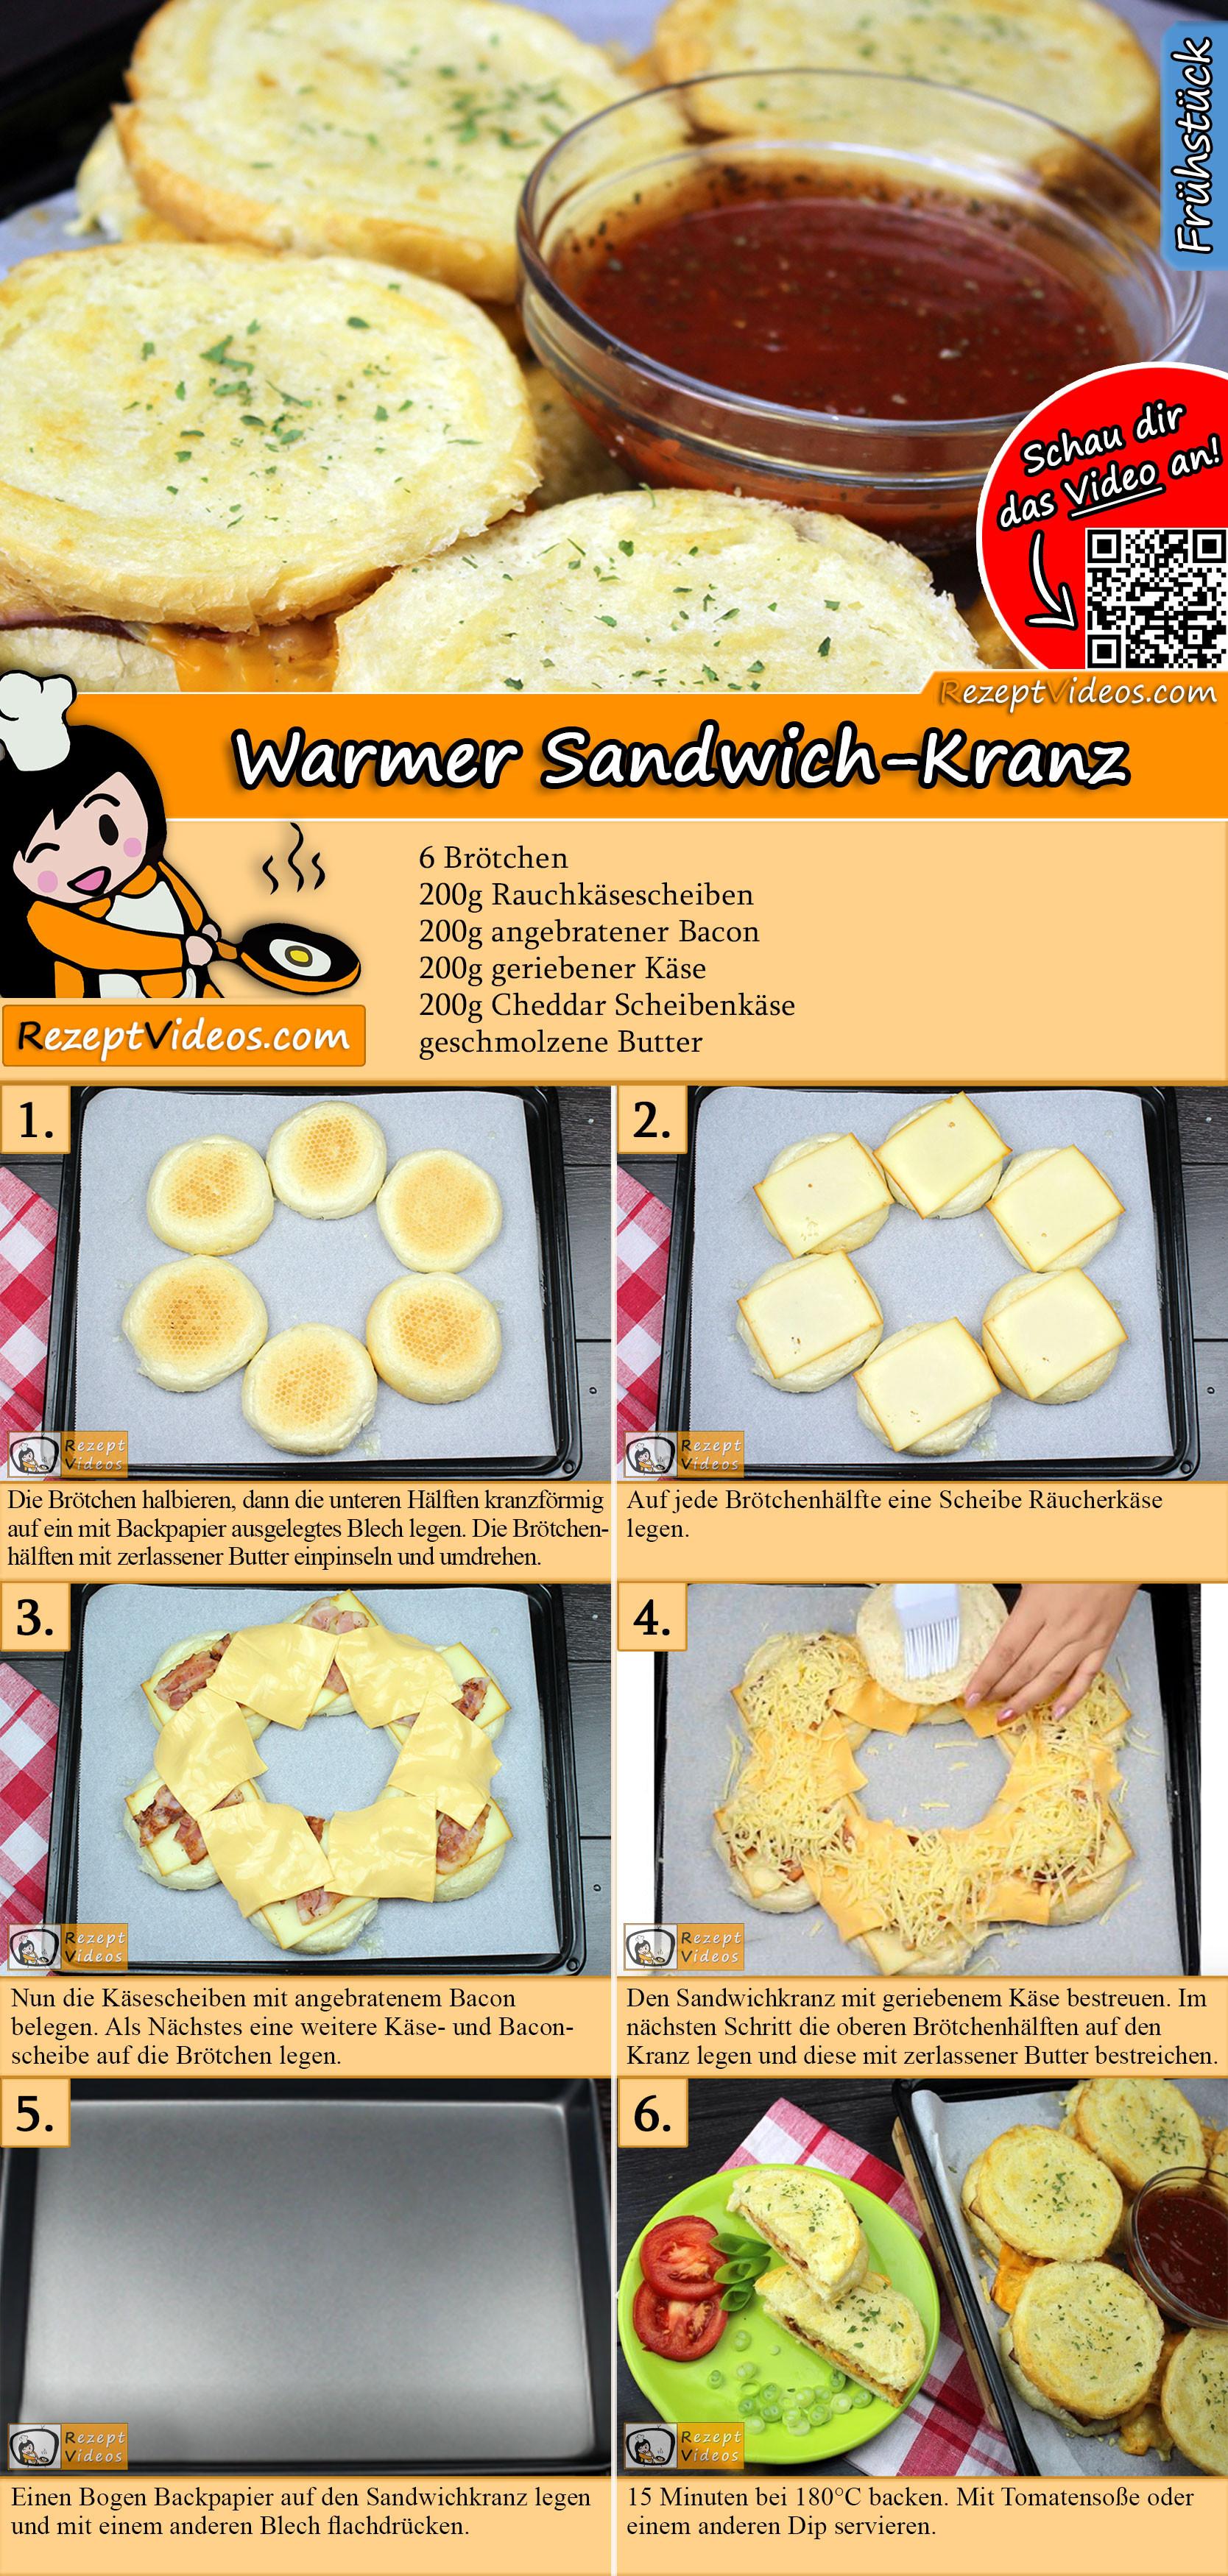 Warmer Sandwich-Kranz Rezept mit Video